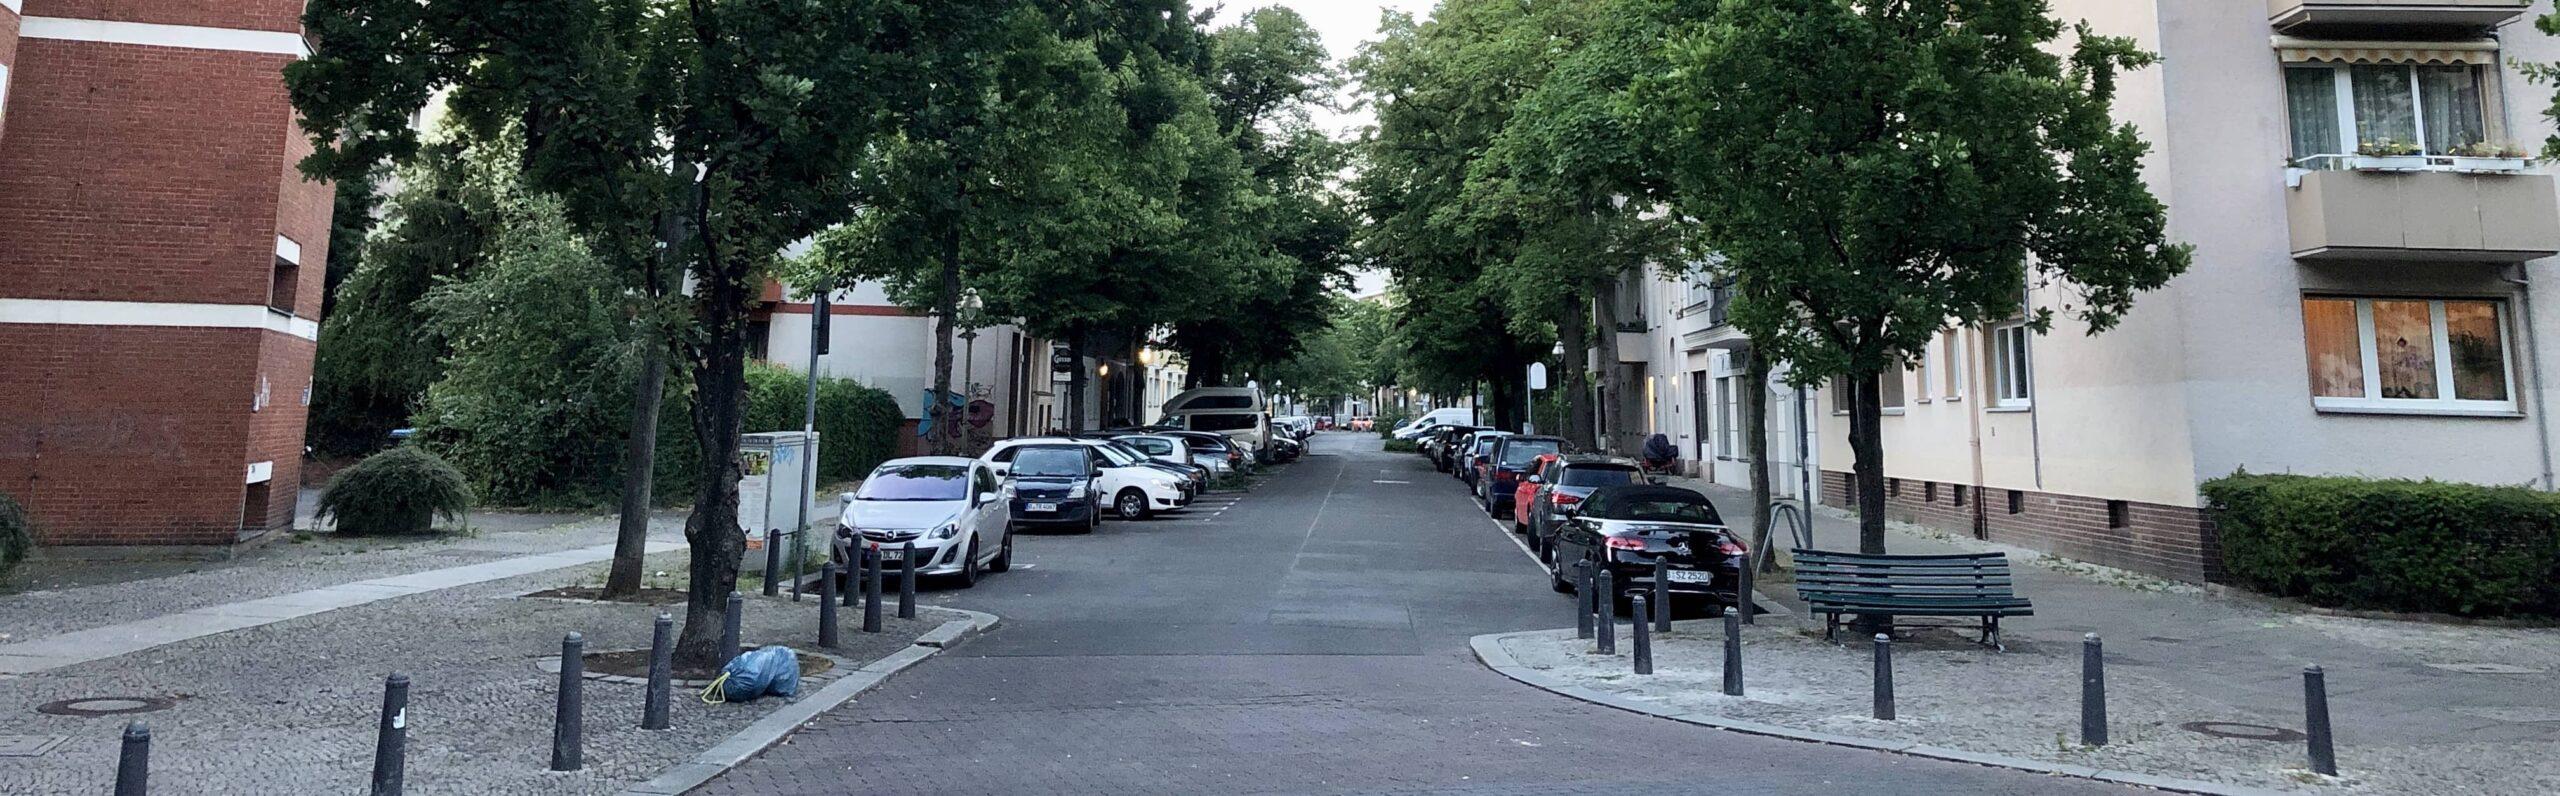 Radweg durch Fußgängerzone Wilmersdorfer Straße oder die Weimarer Straße als Nord-Süd-Achse für Radfahrer?